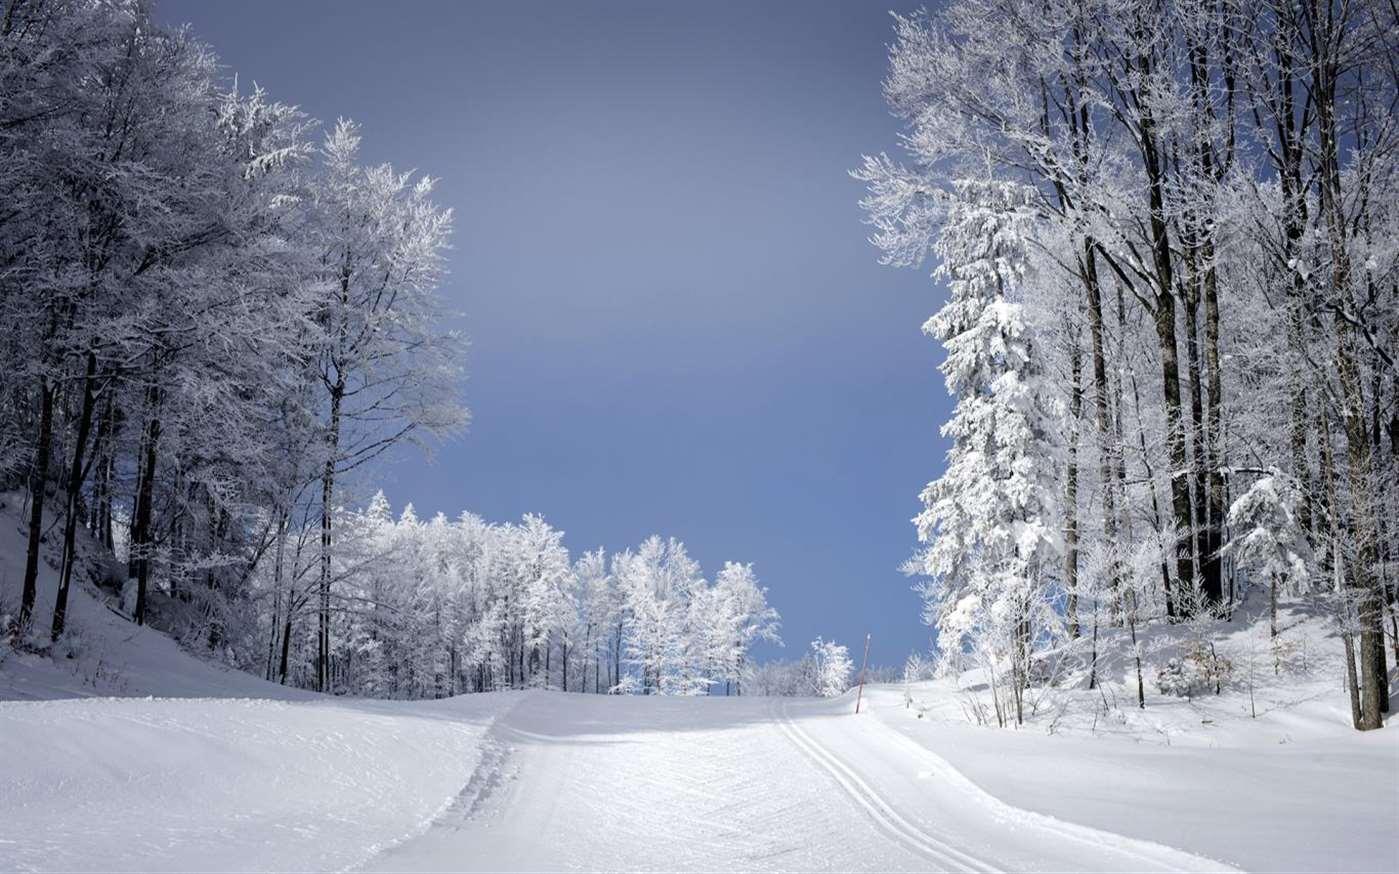 微软又发三款Win 10壁纸包:雨伞/滑雪/春天艺术的图片 第5张